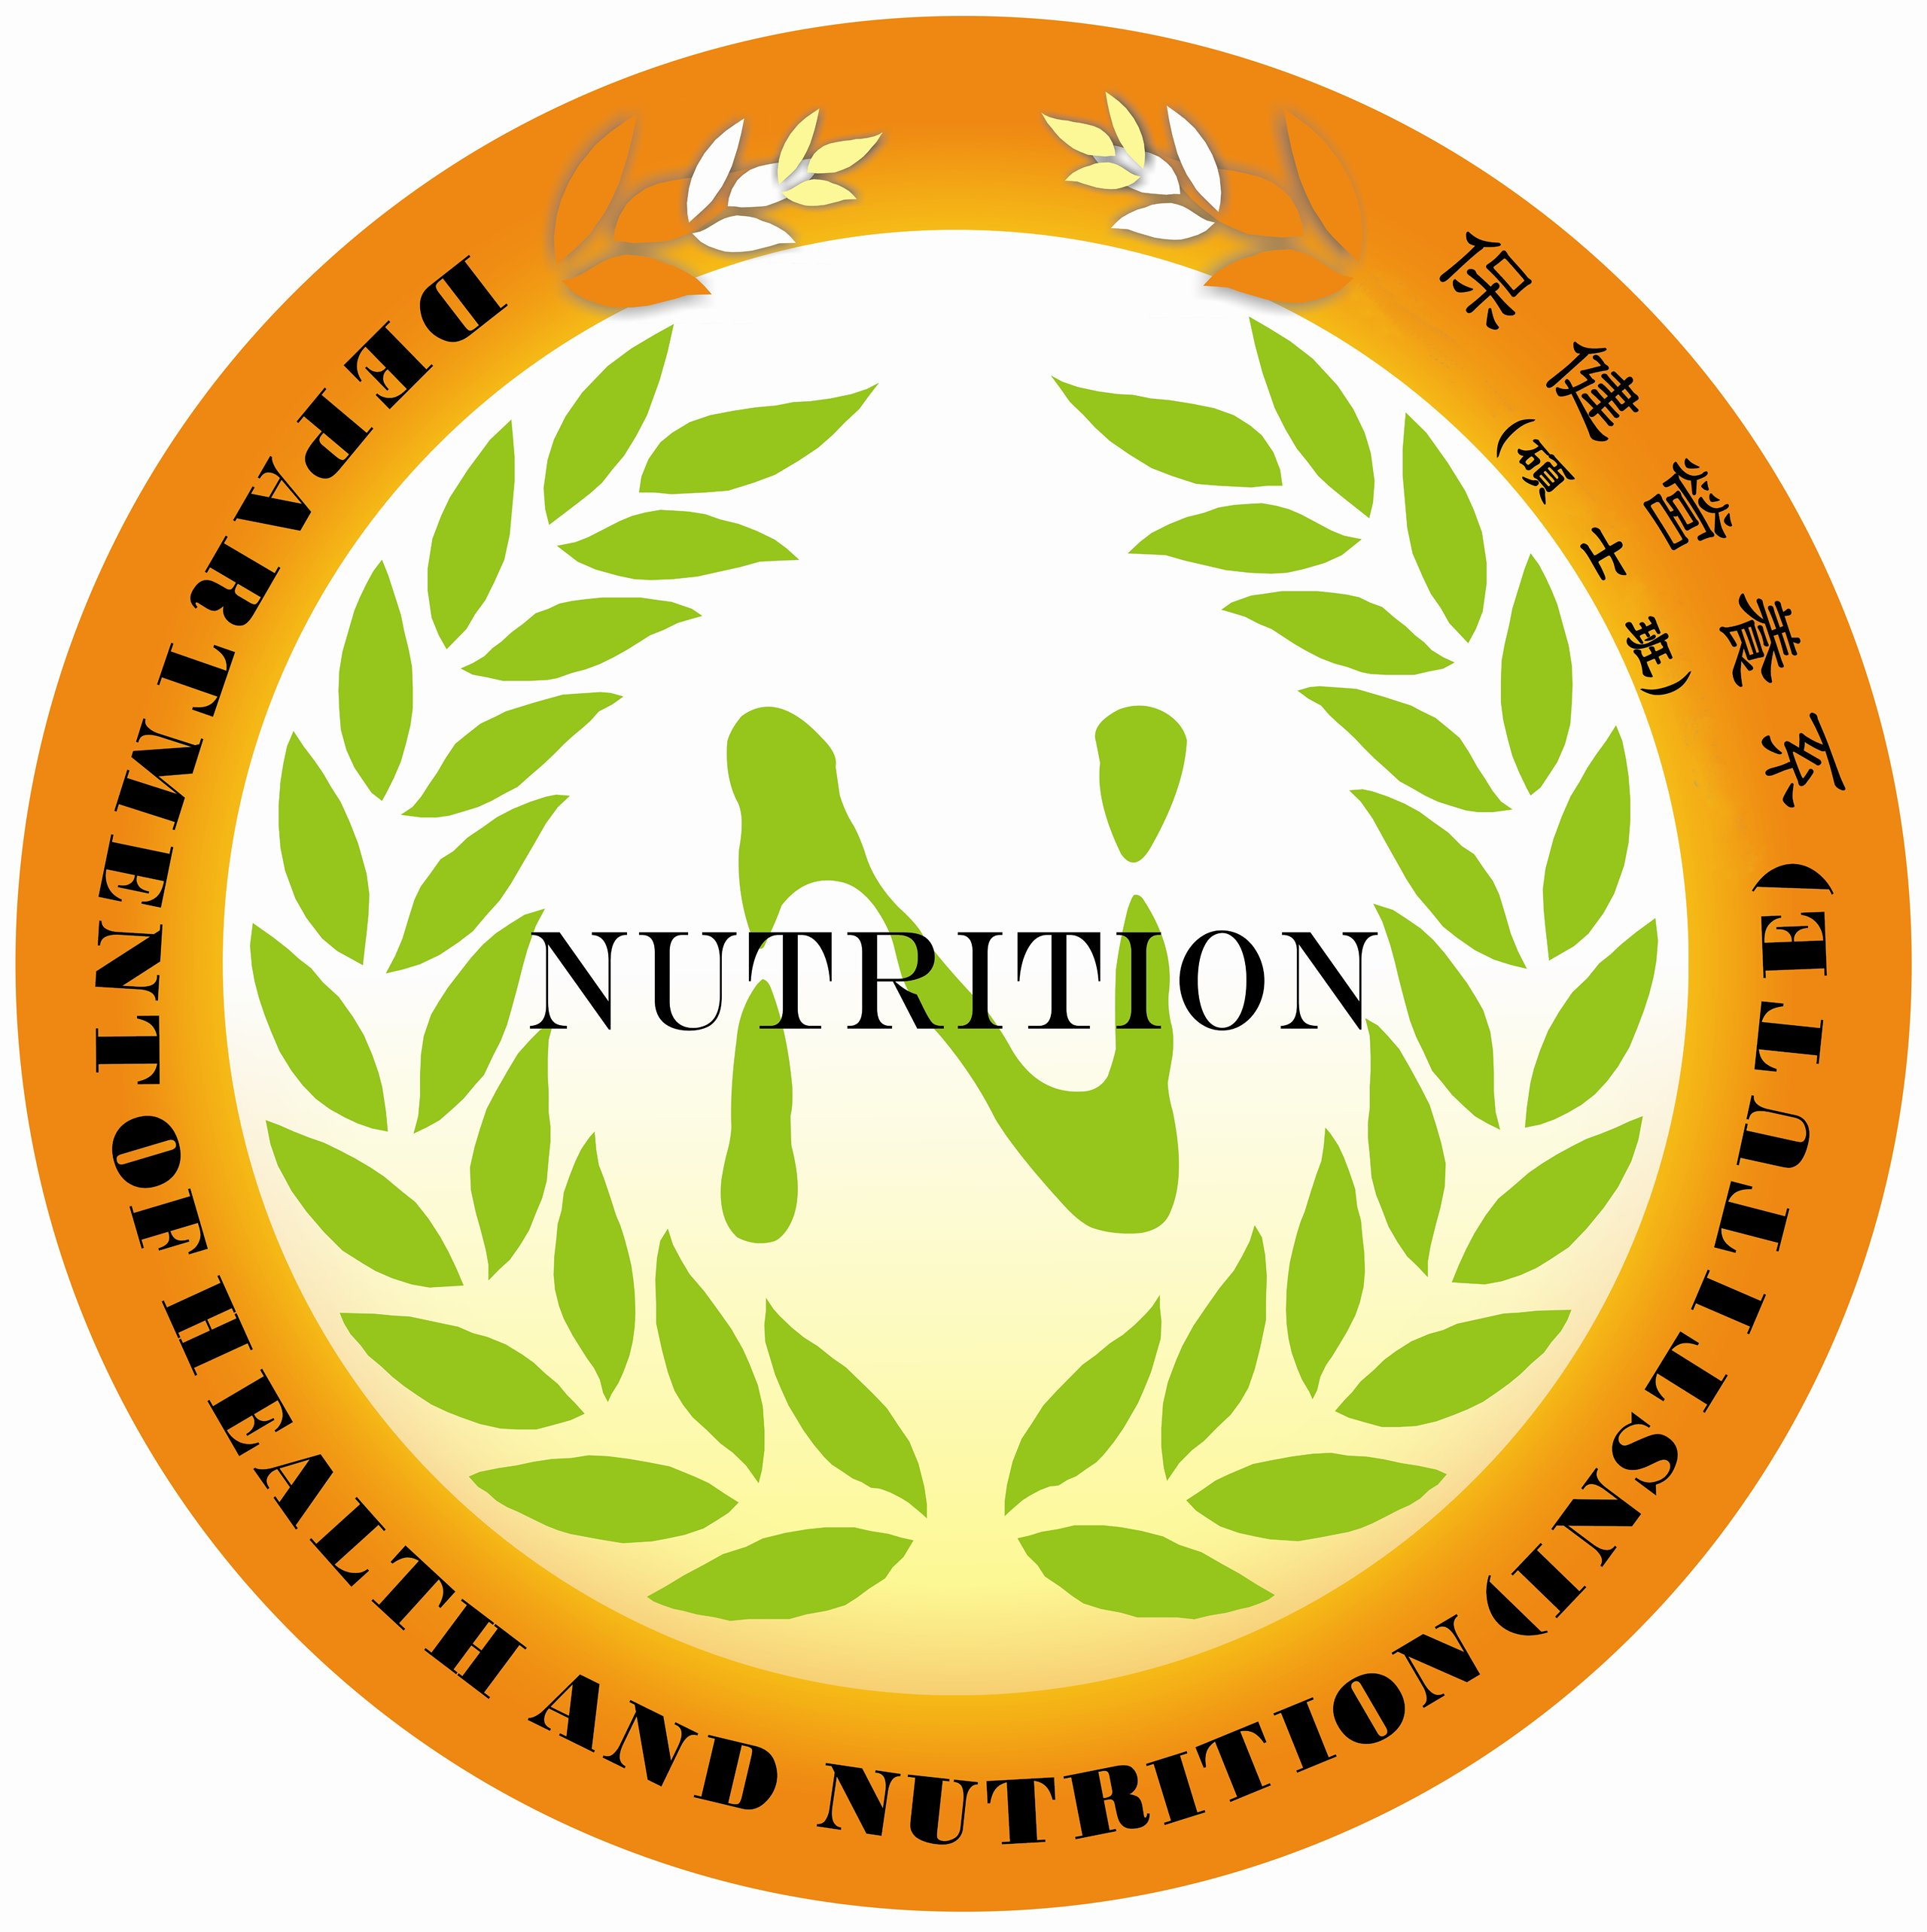 保健營養系系徽-M5